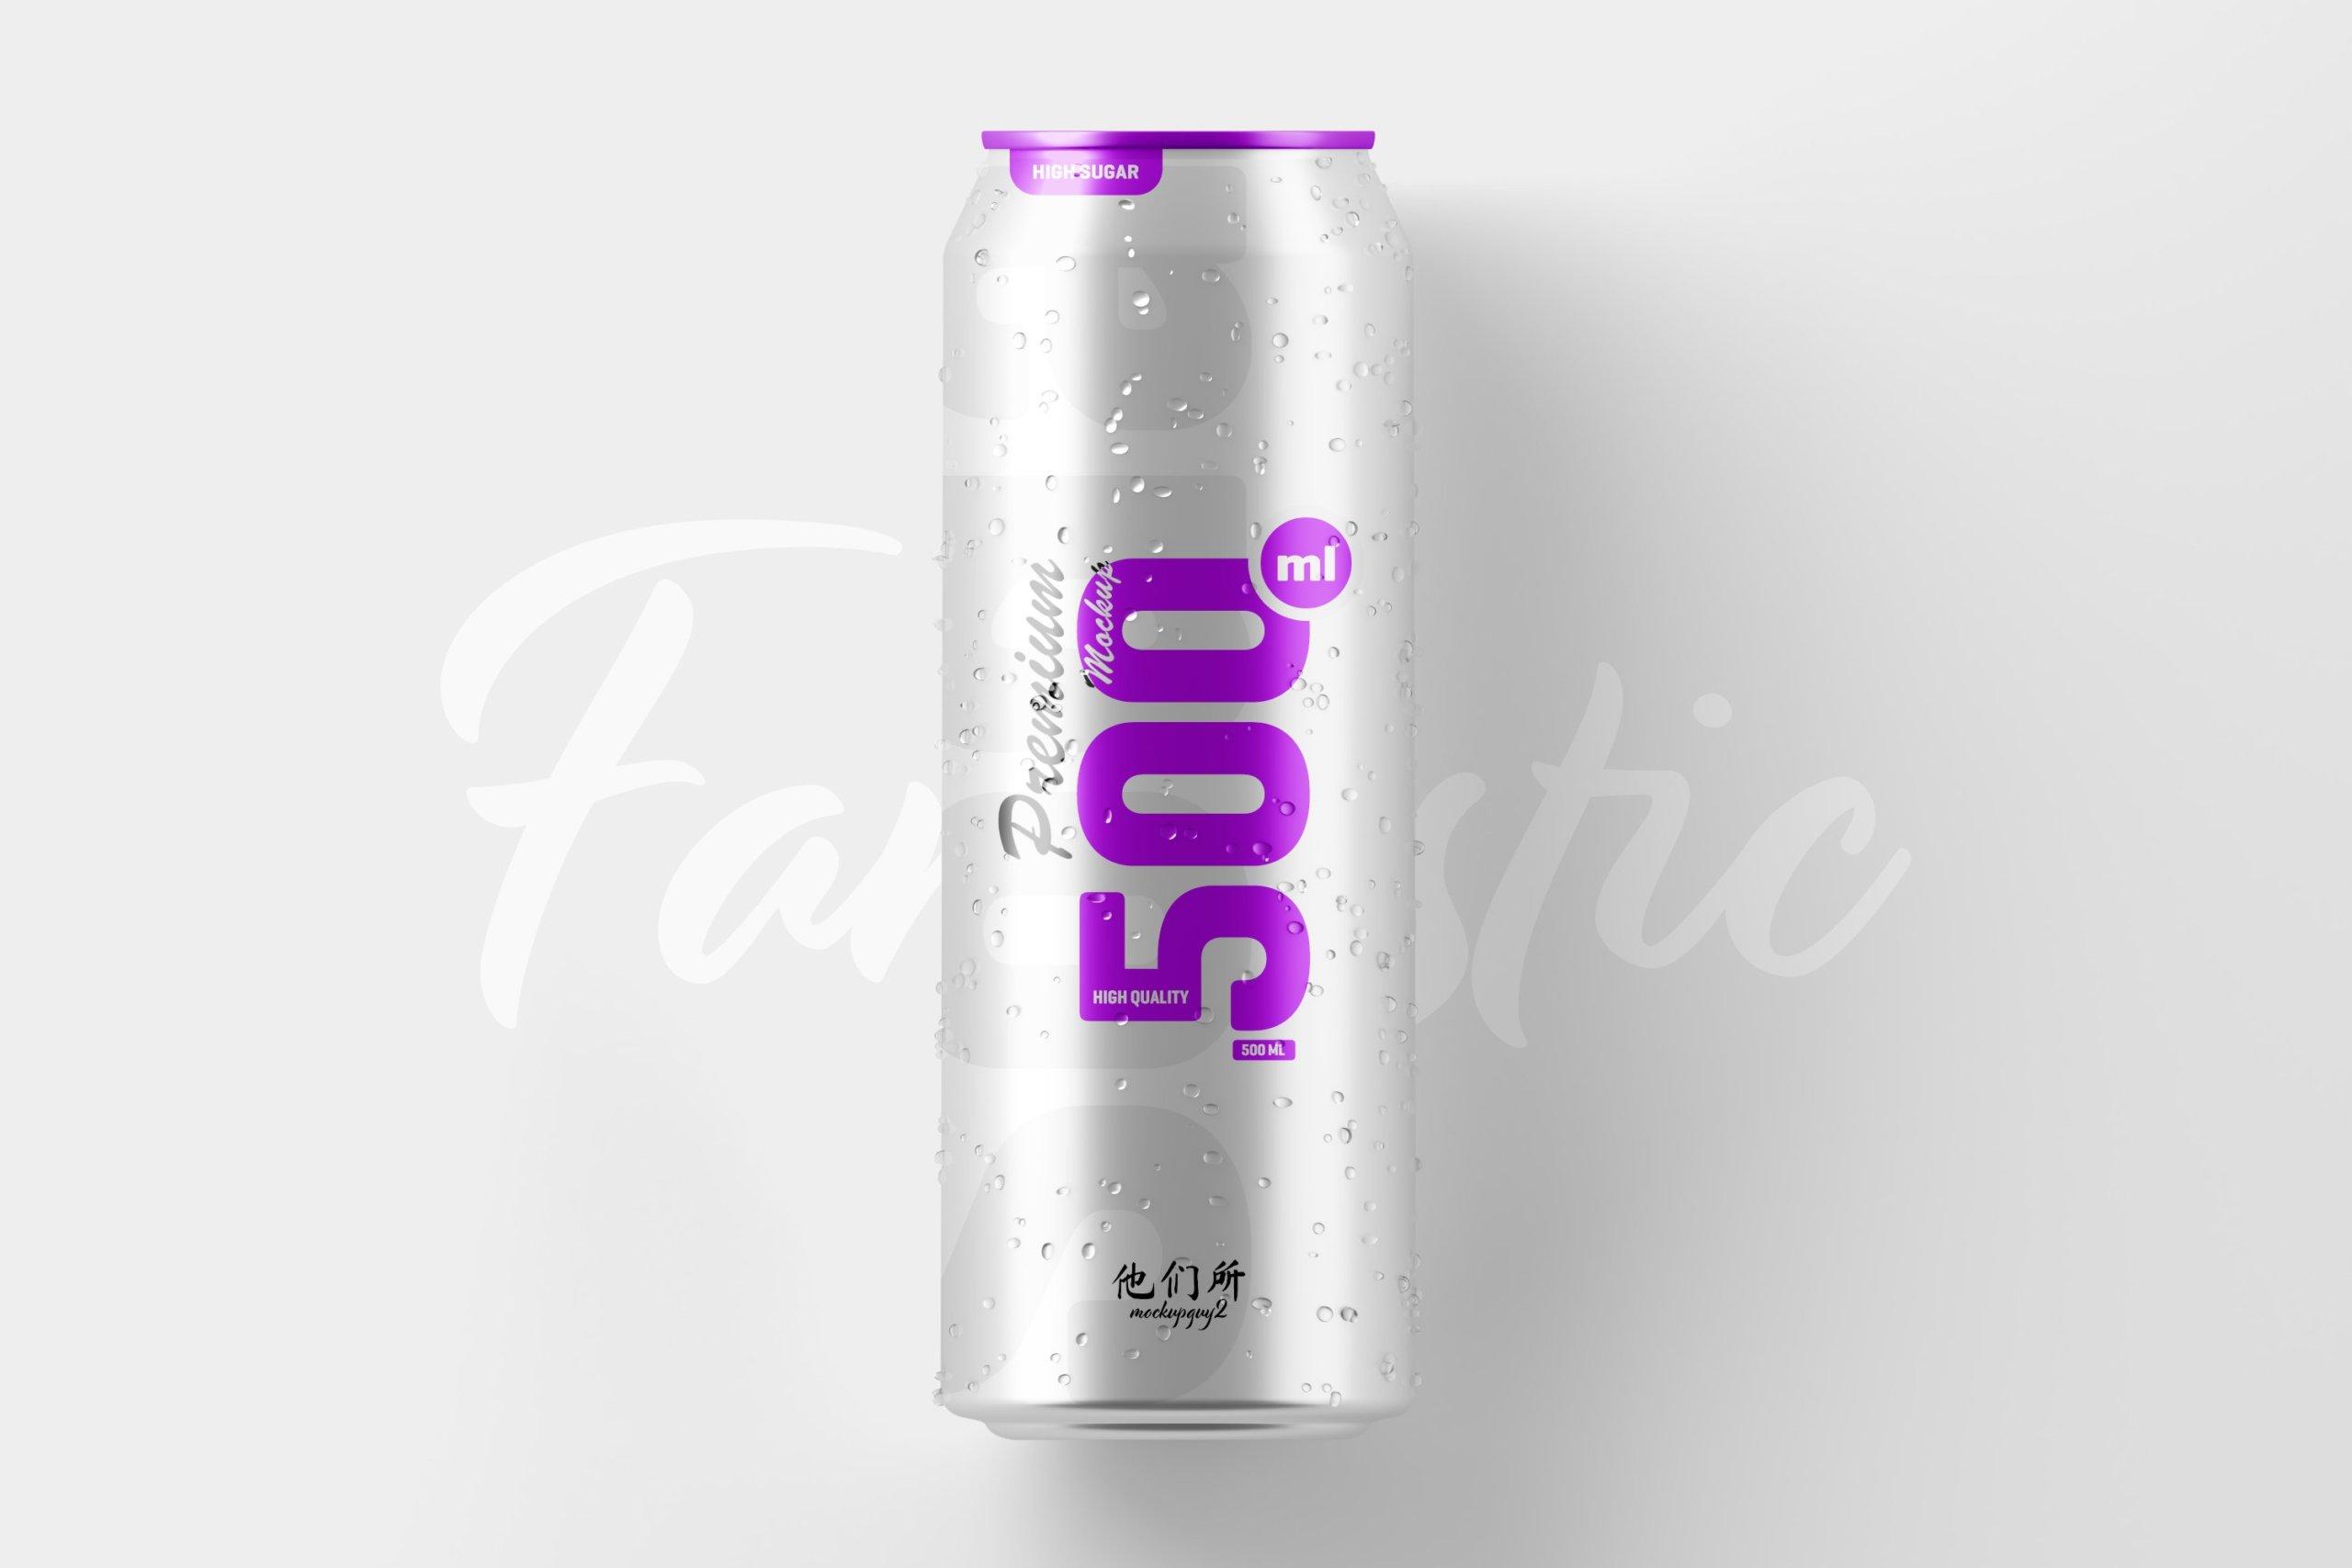 10款500毫升啤酒苏打水饮料锡罐易拉罐PS贴图样机素材 500ml Soda Can Mockup插图3